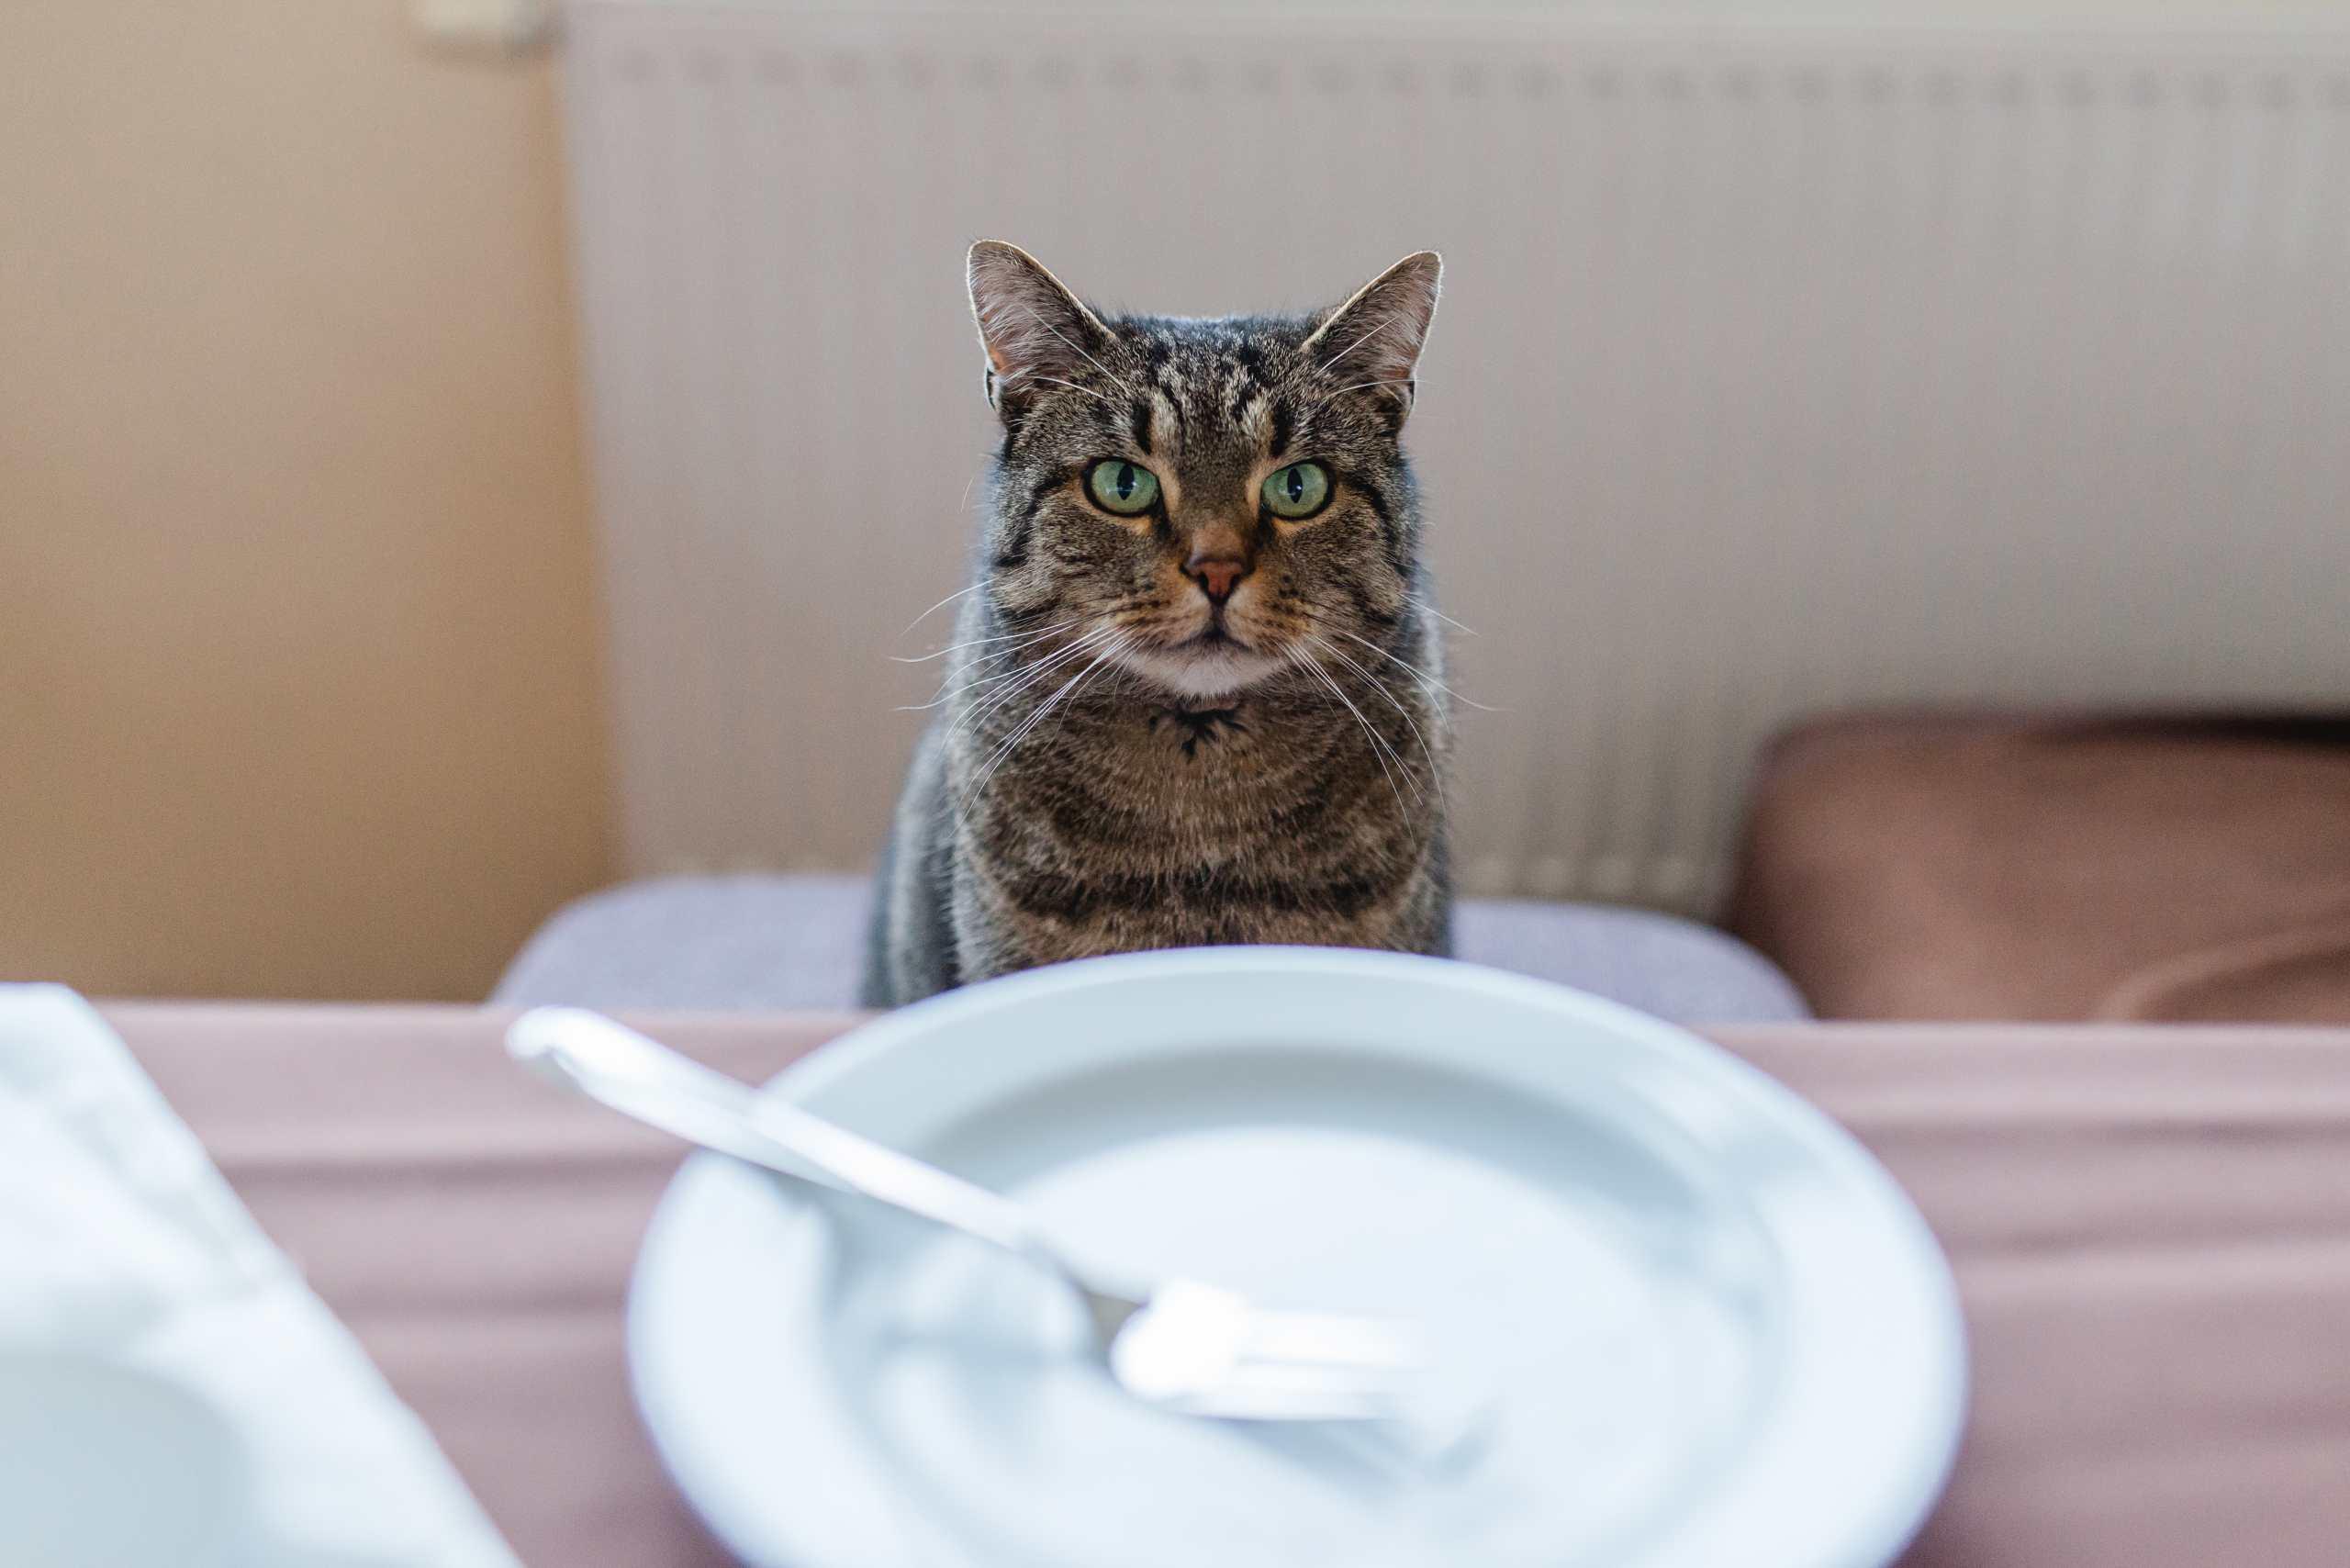 Katze sehnsuchtsvoll aufschauend vor leerem Teller mit Gabel darauf